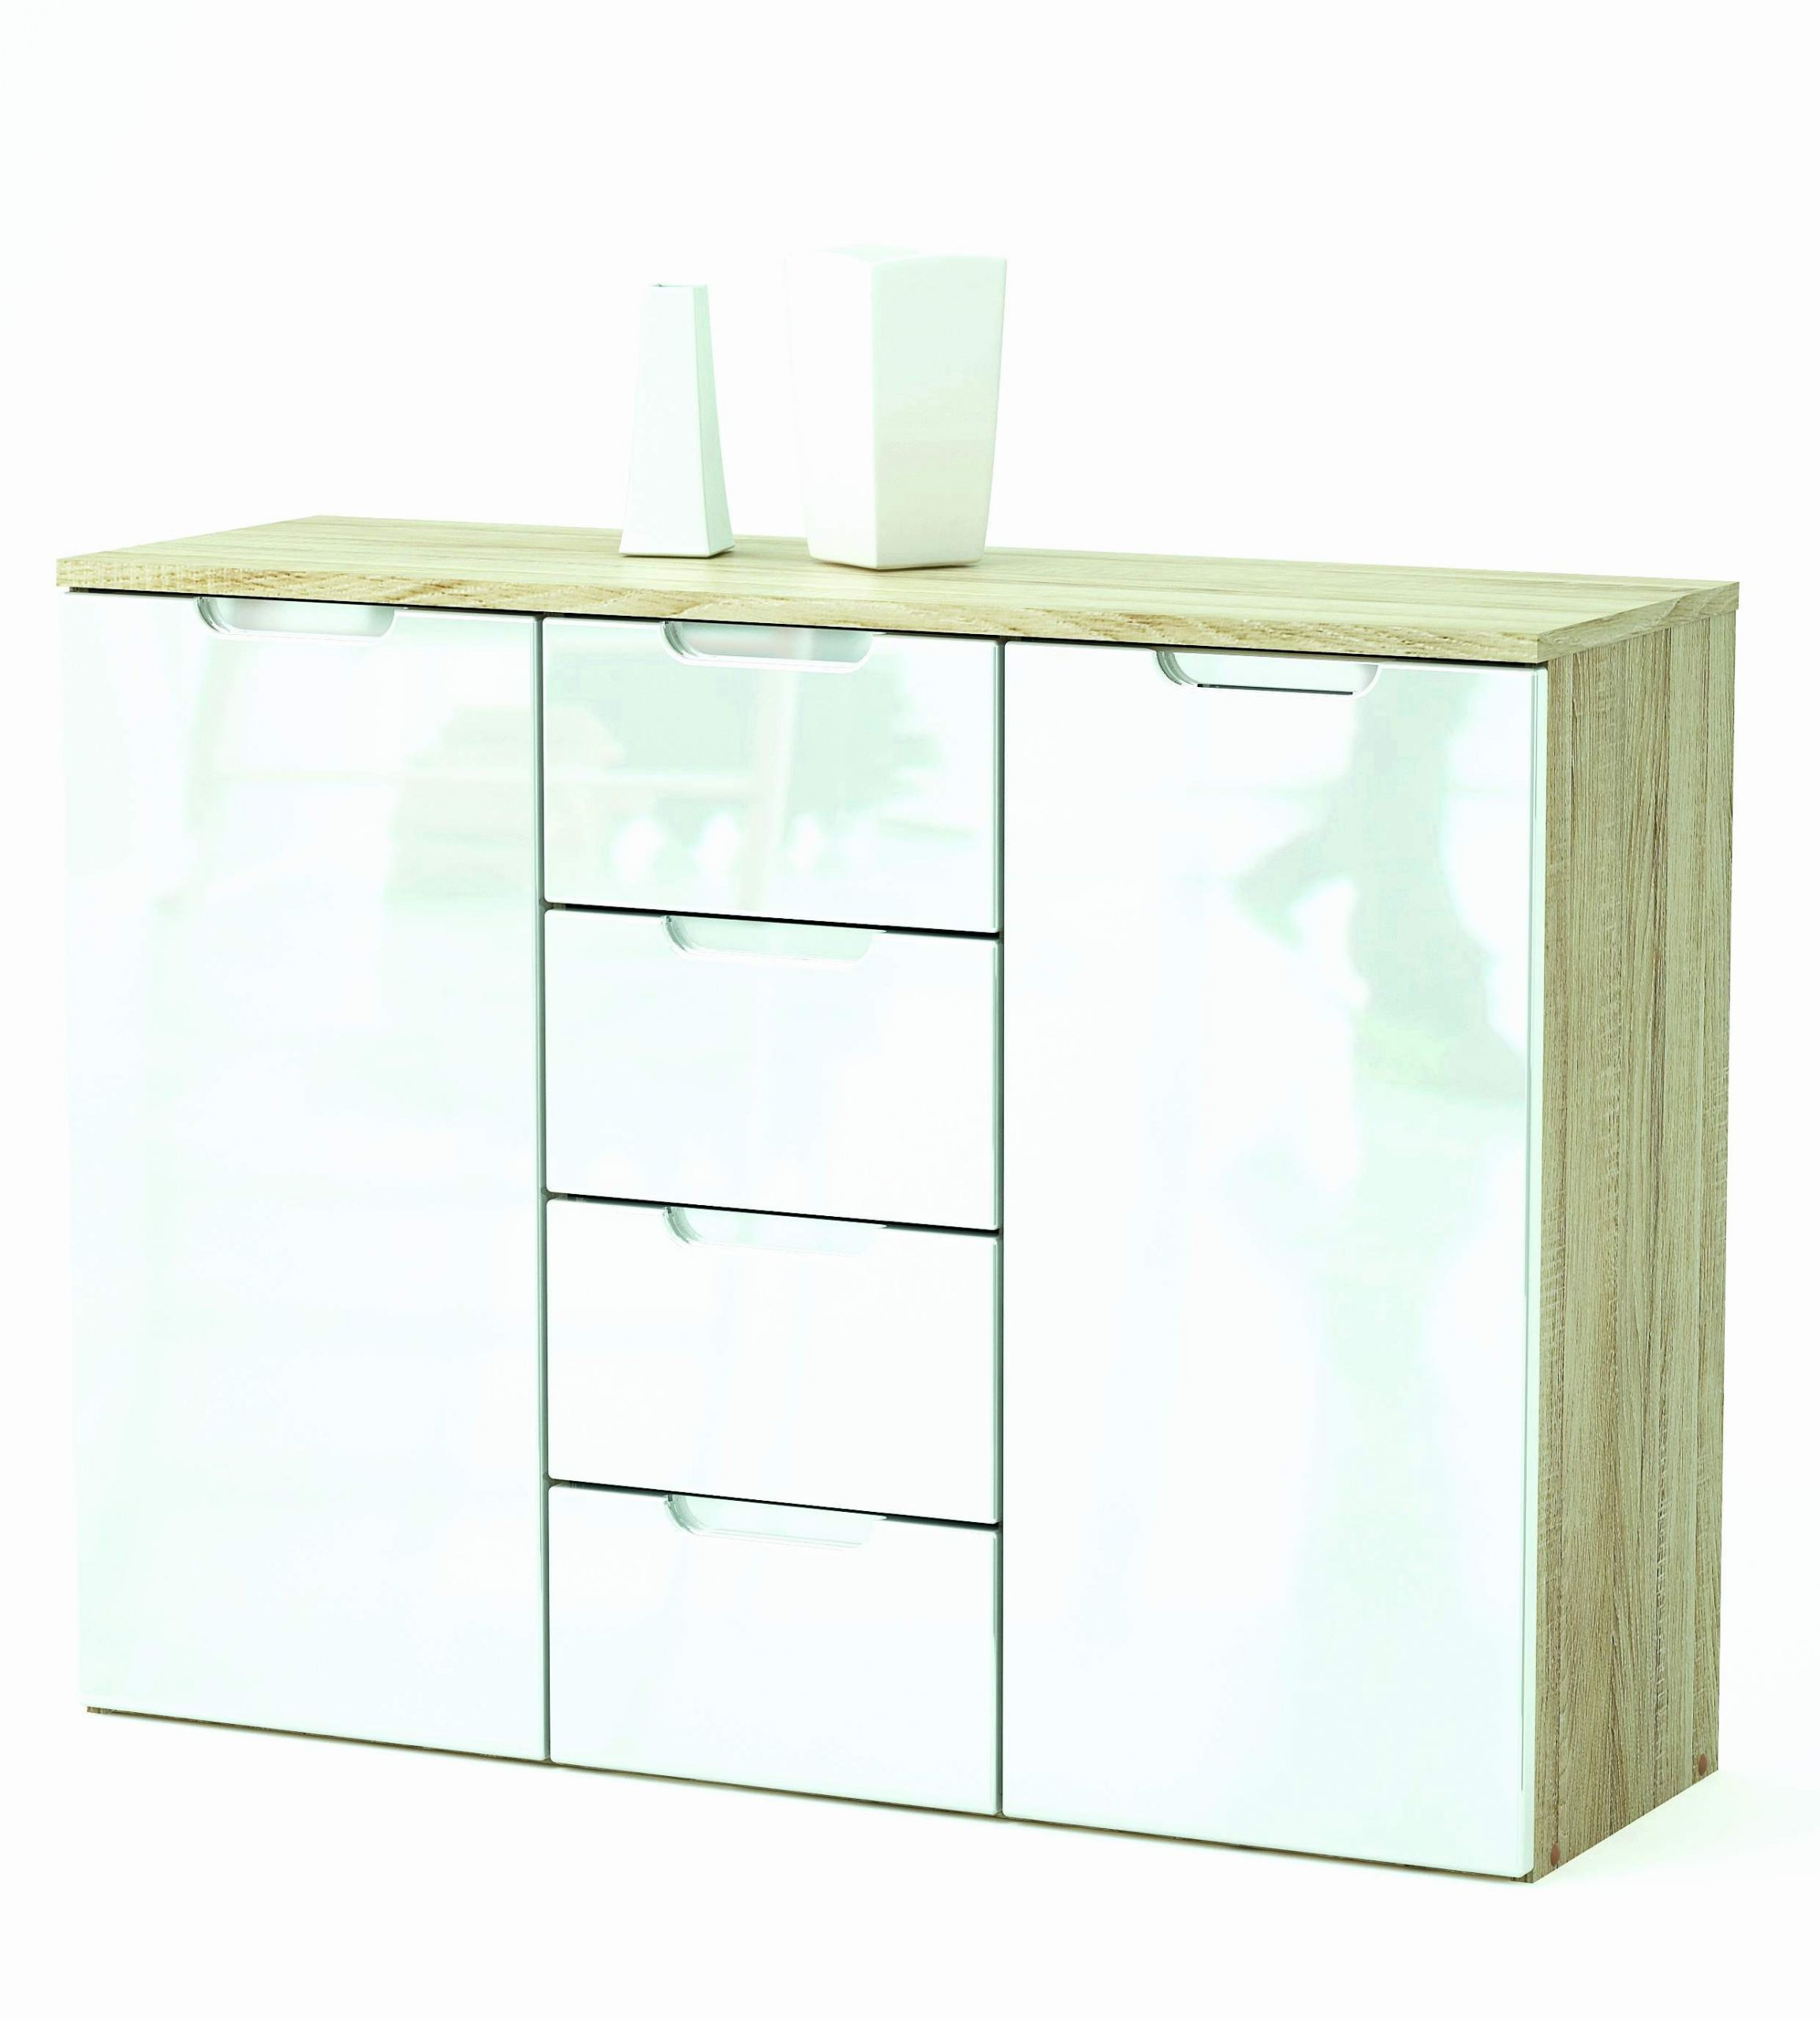 meuble pour salon meuble jardin ikea meuble pour salon meubles besta meuble blanc 0d of meuble pour salon